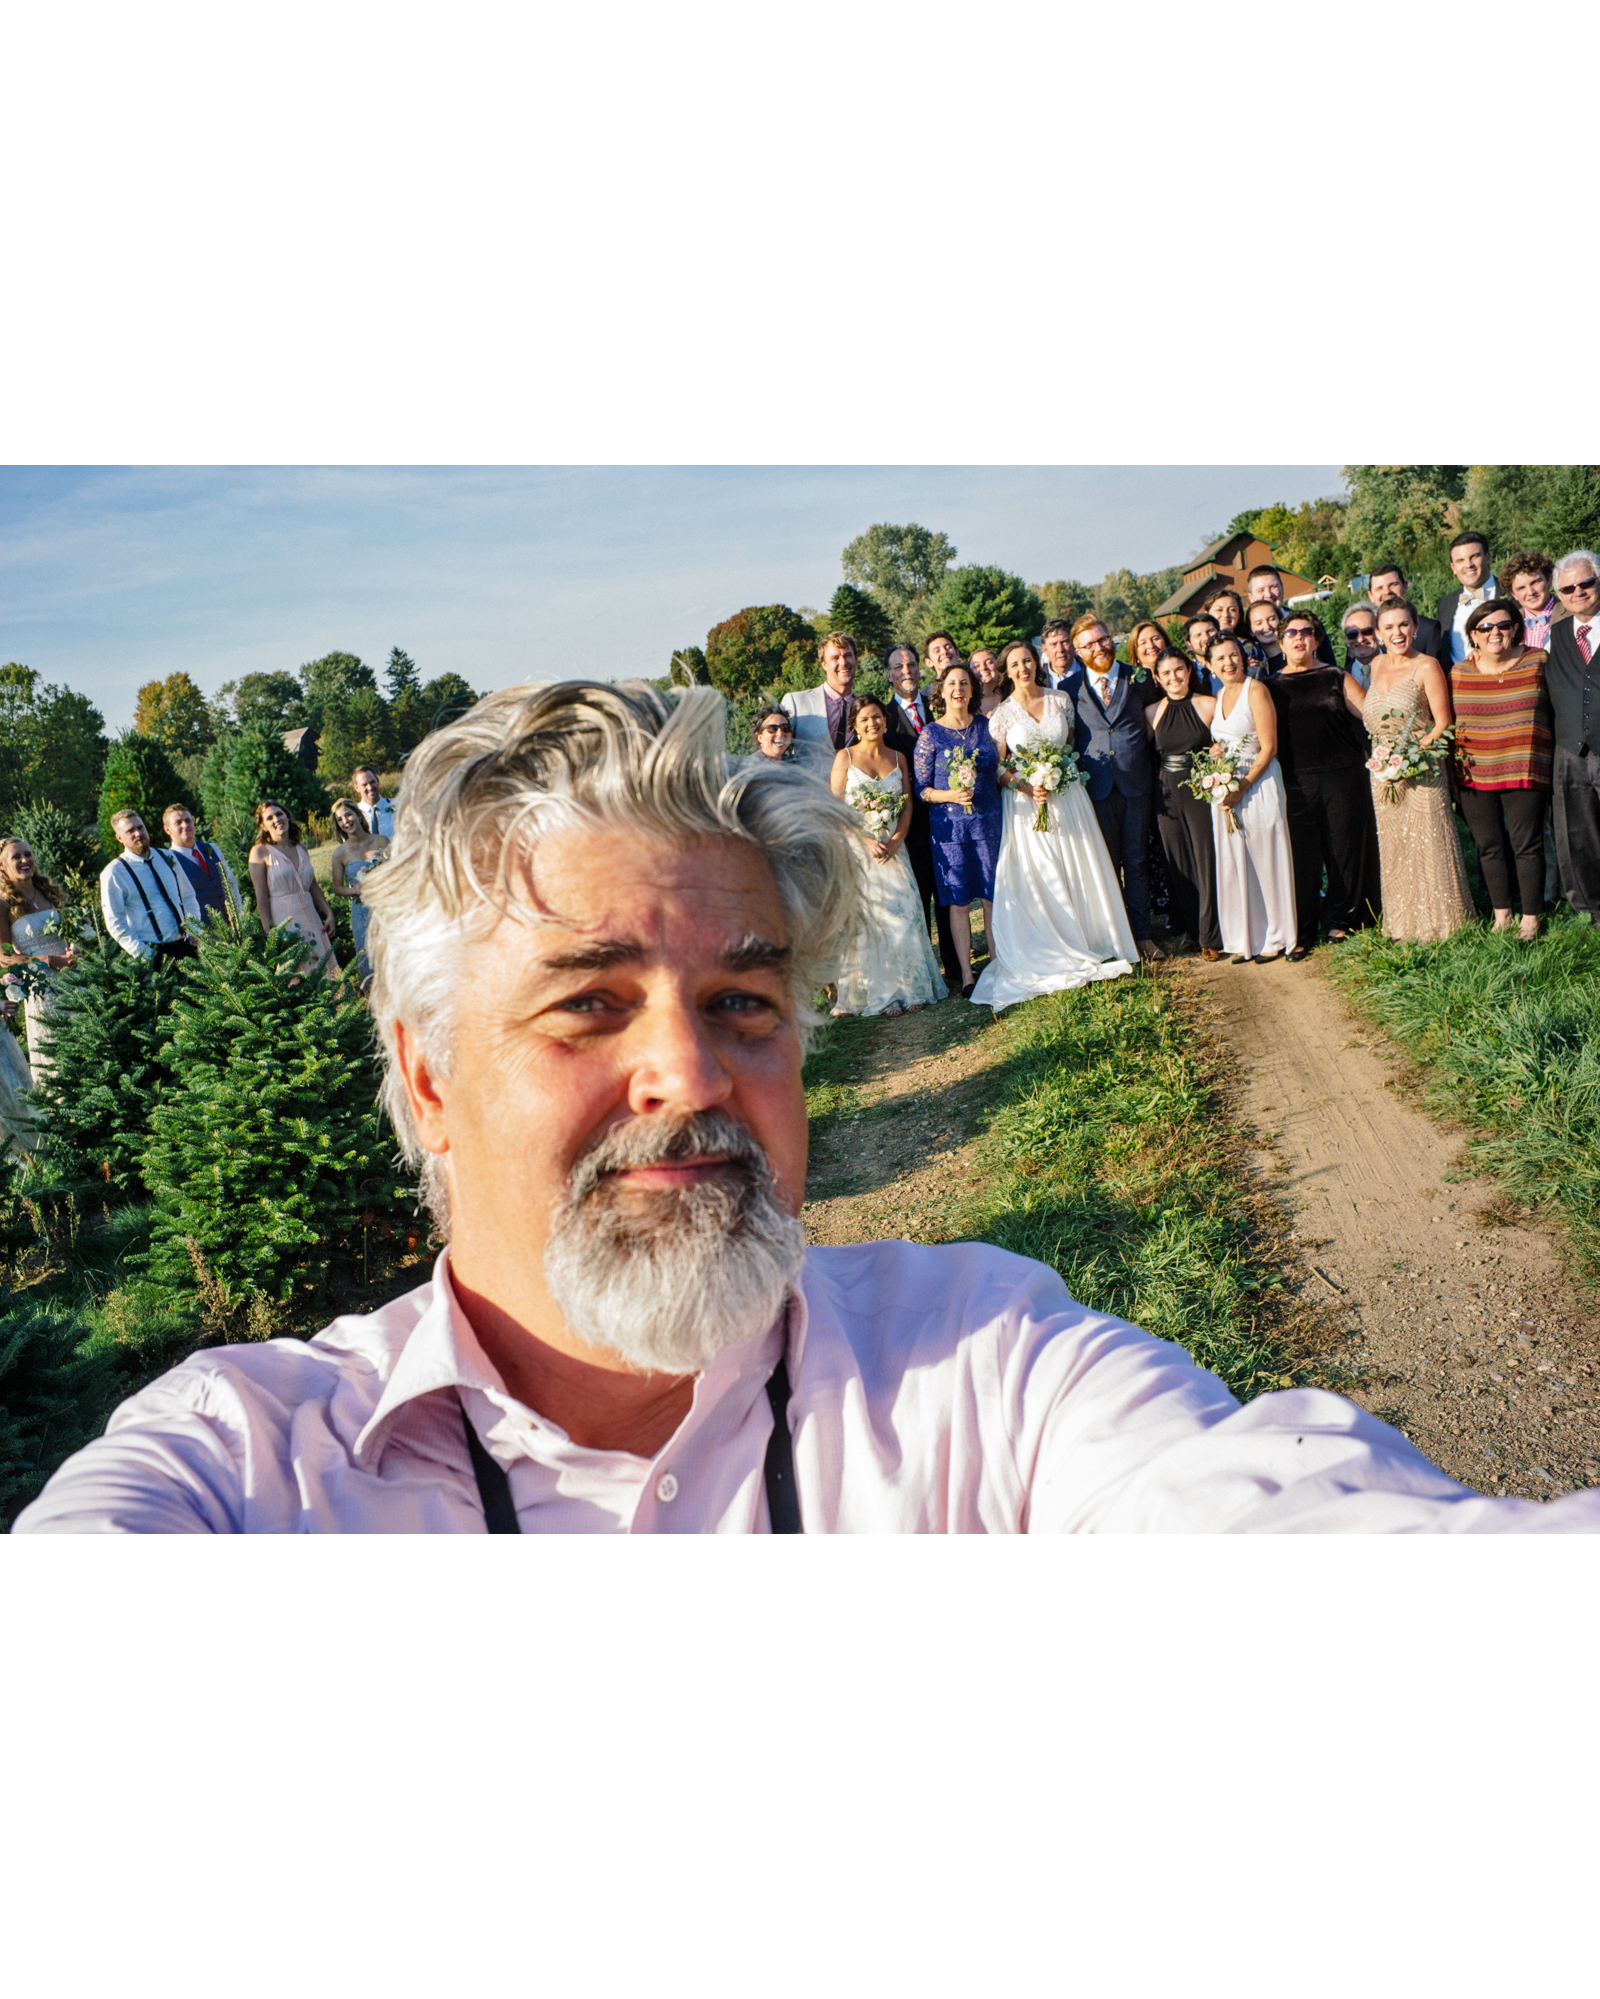 rachel elijah wedding selfie